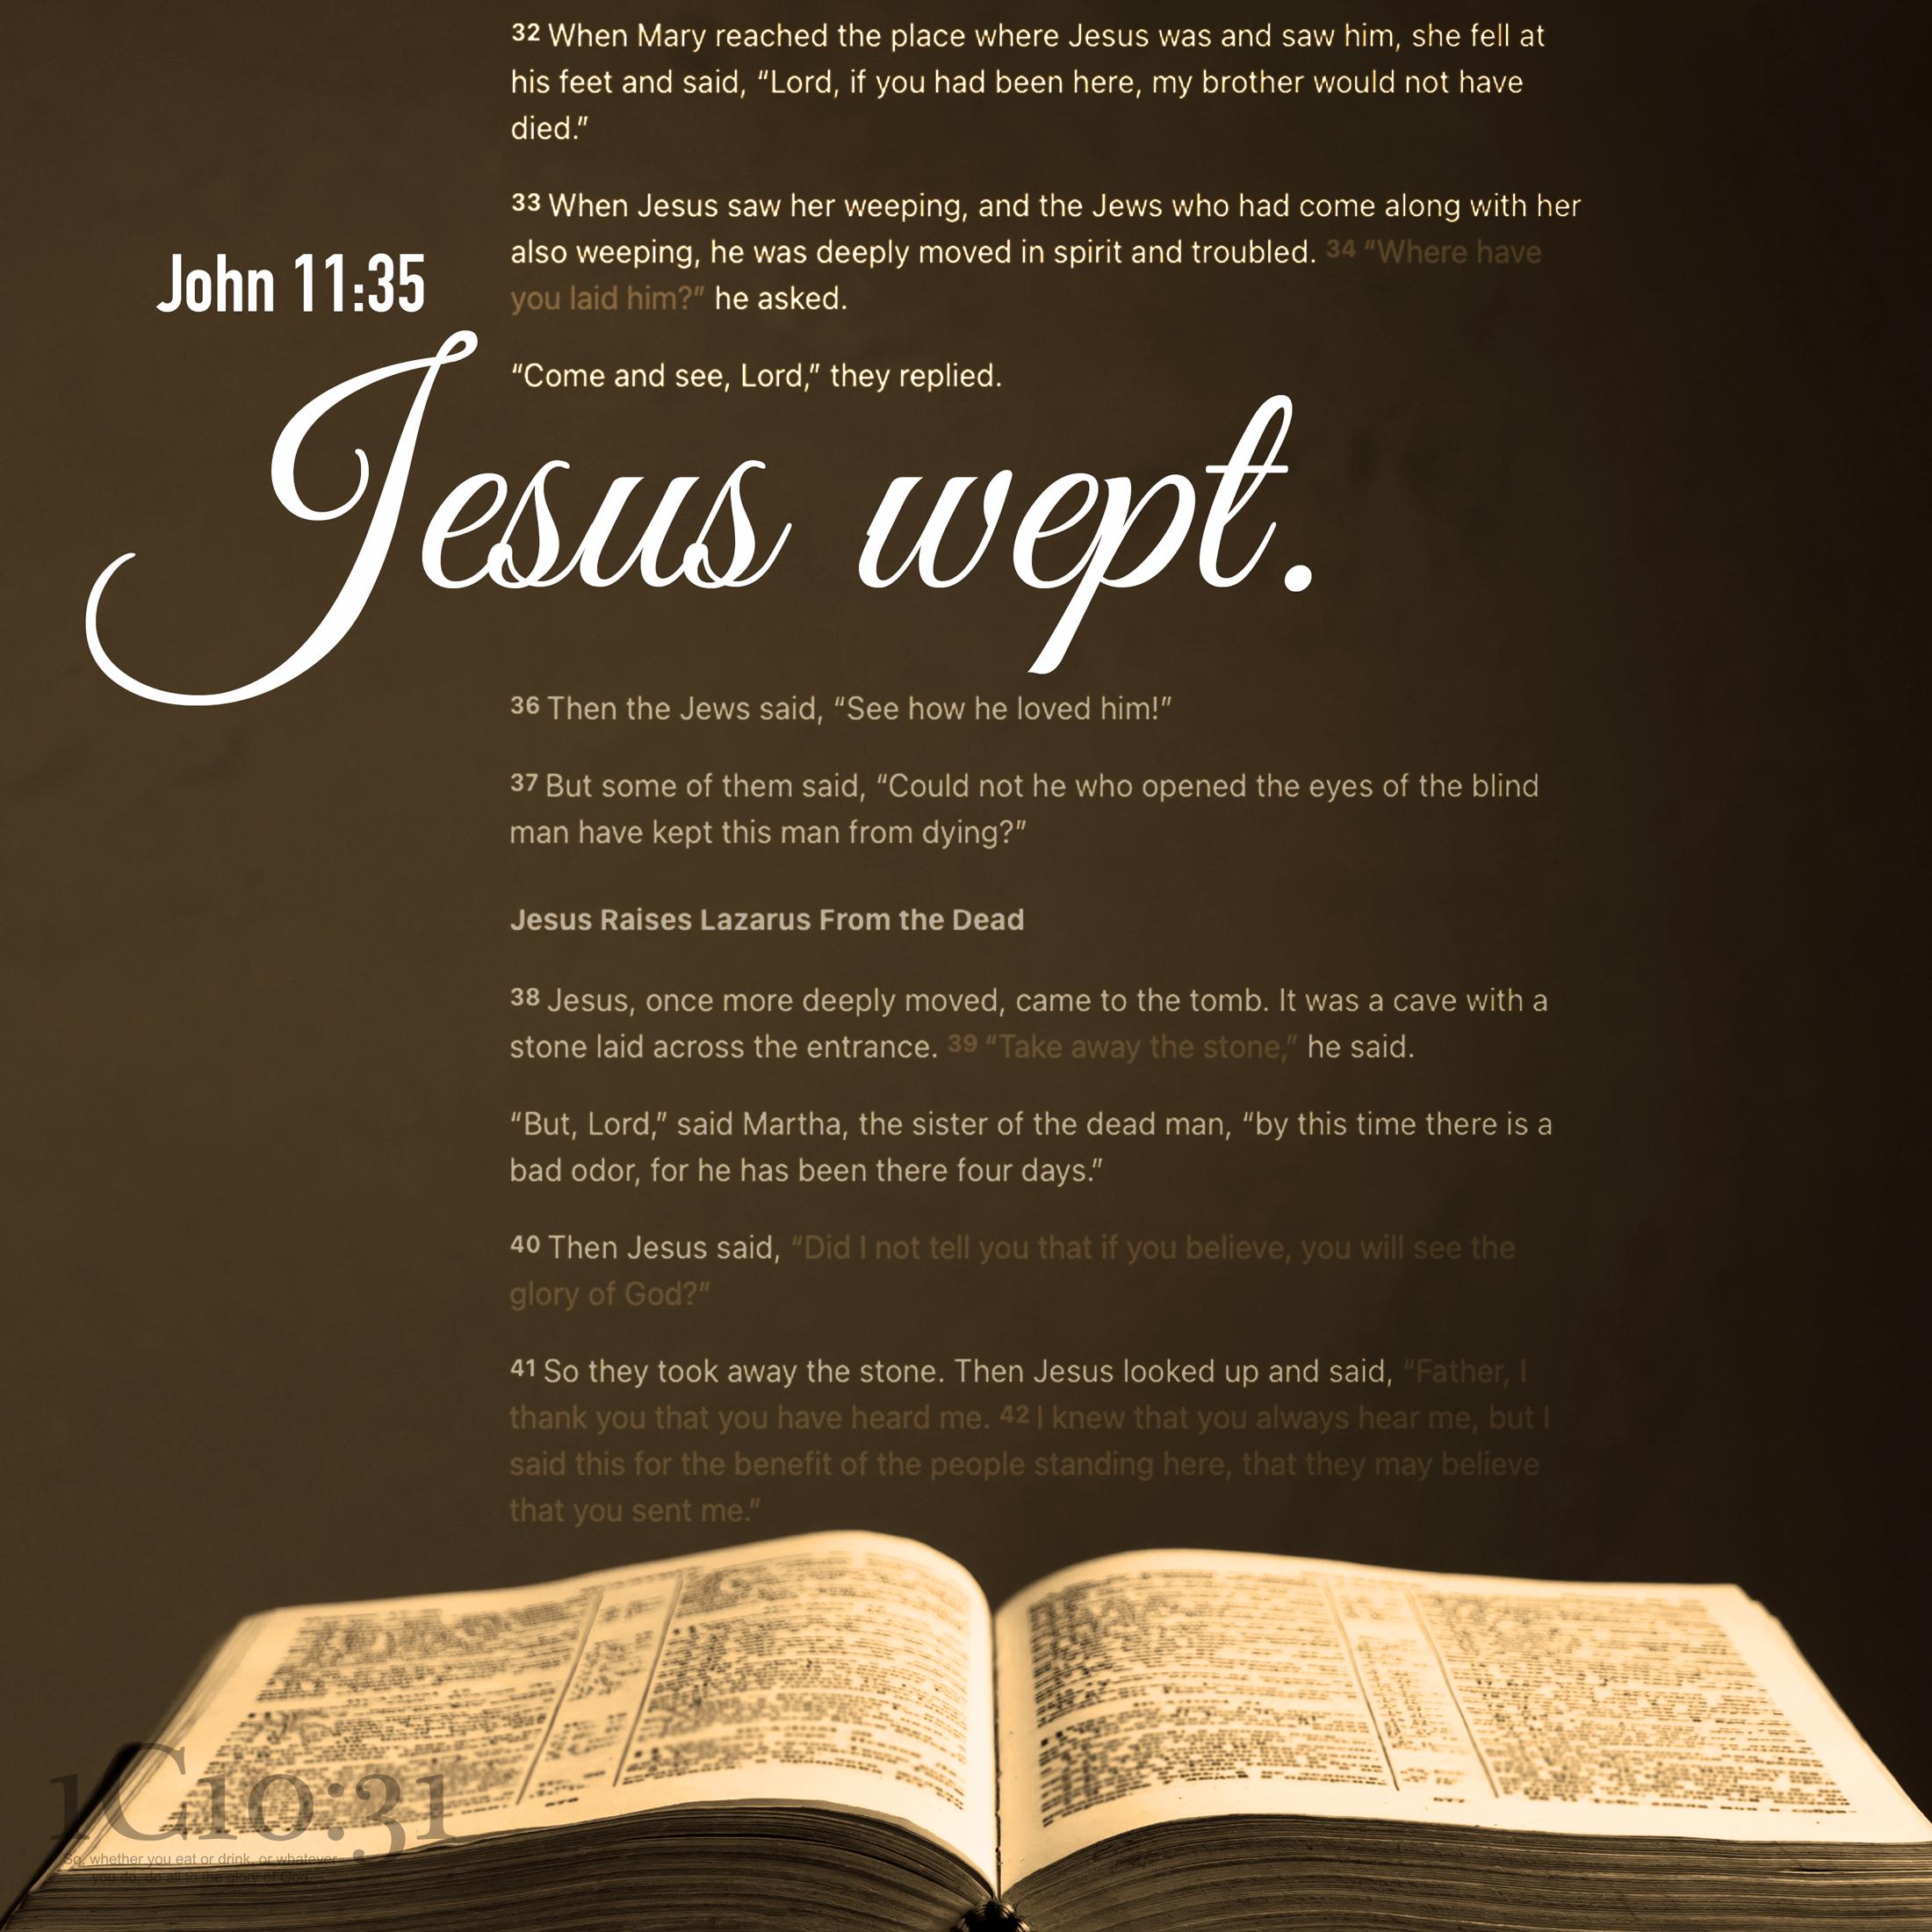 John 11:35